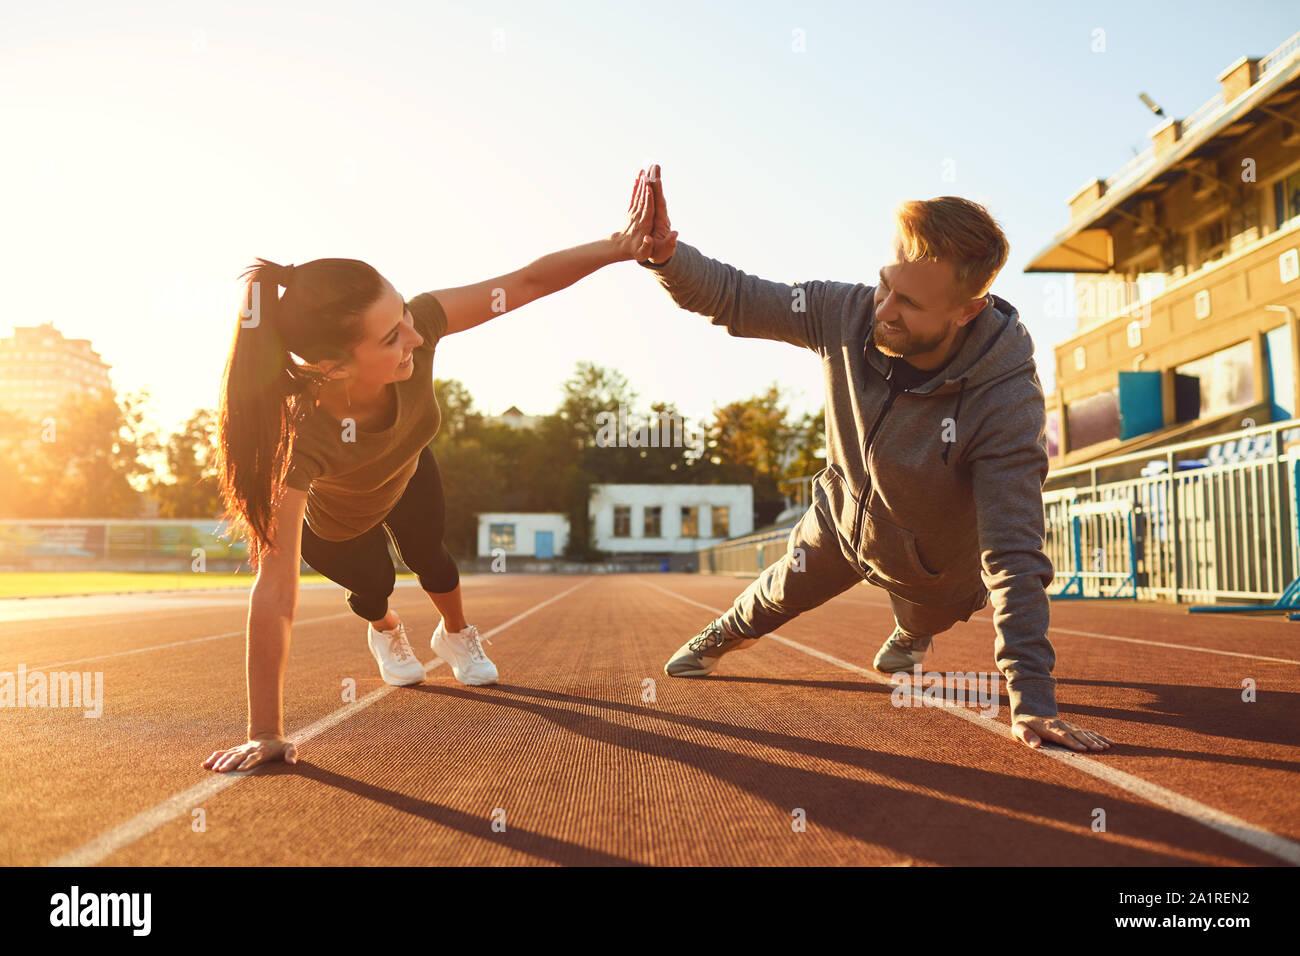 Jeune couple doing pushups dans le stade Banque D'Images